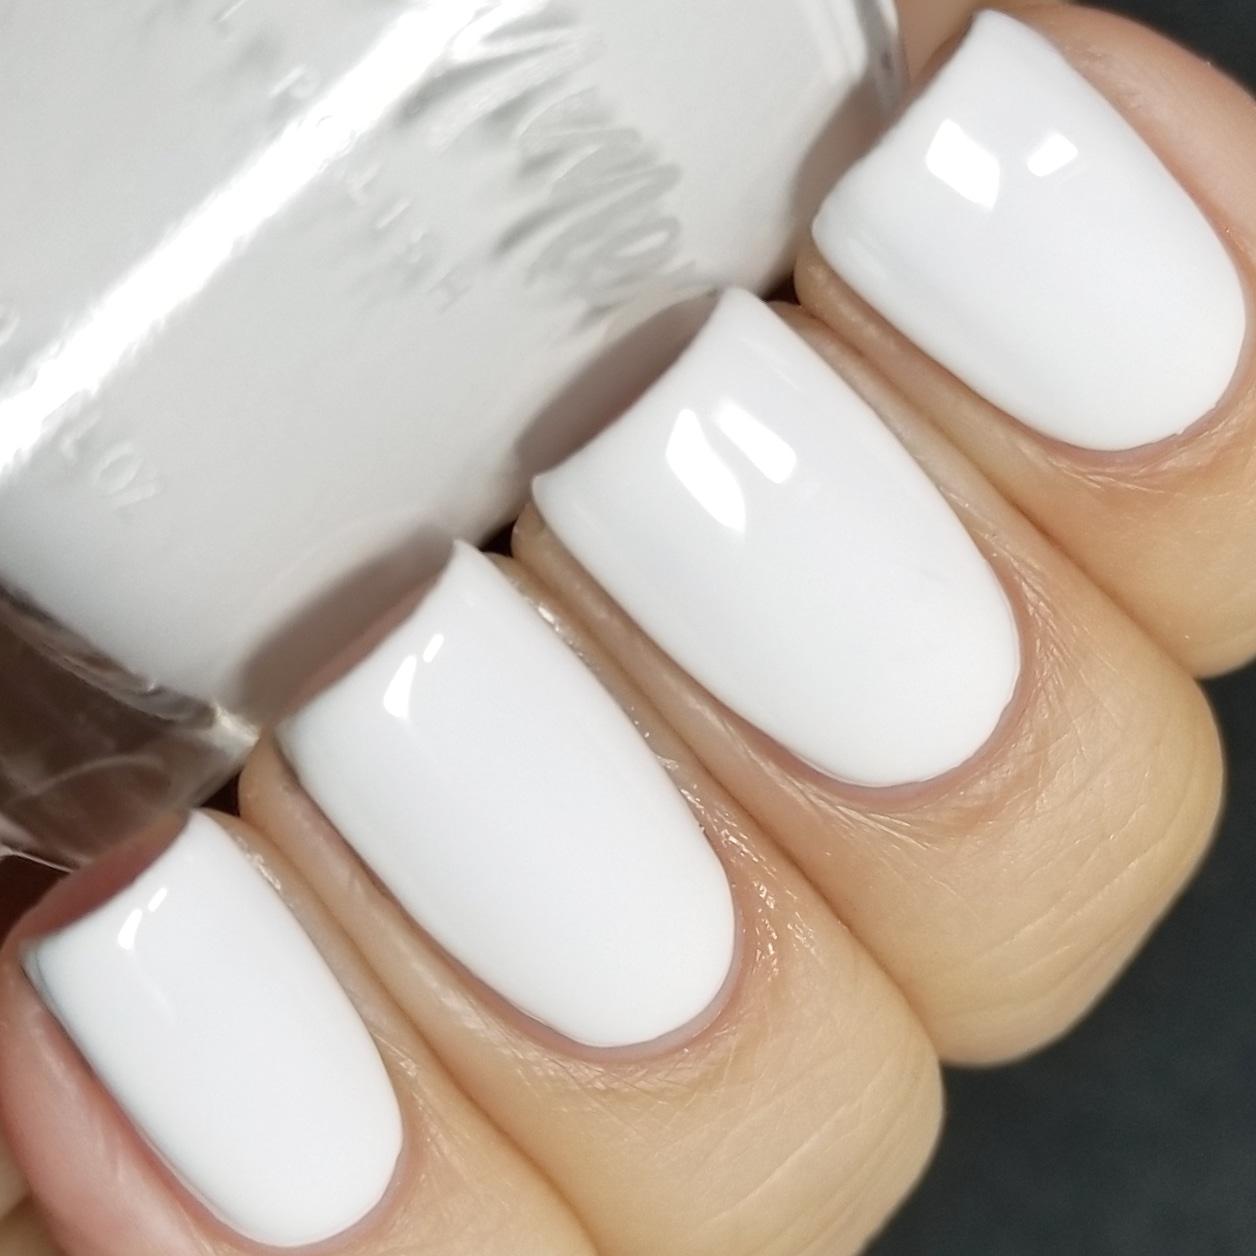 KBShimmer Eyes White Open Cream Nail Polish